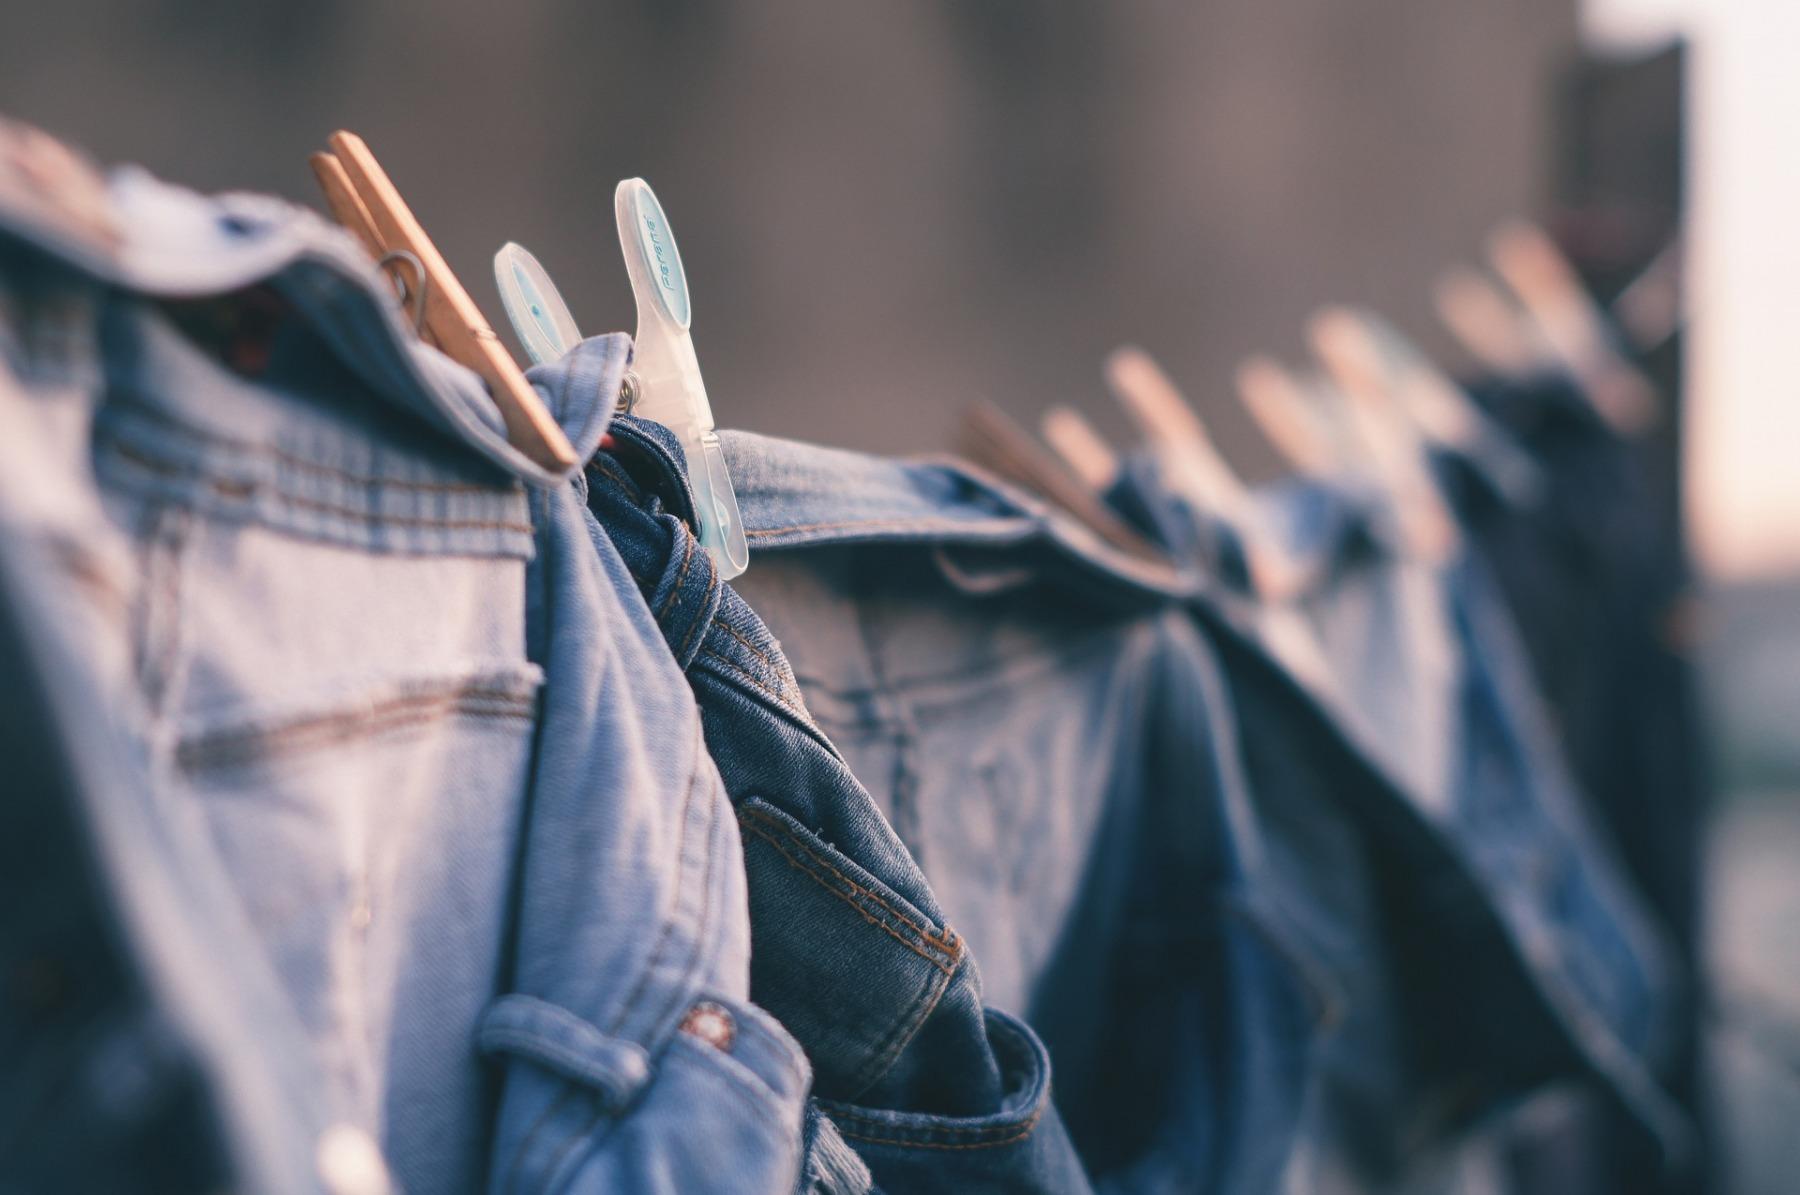 Der Weg einer Jeans - von der Baumwolle bis hin zum fertigen Produkt